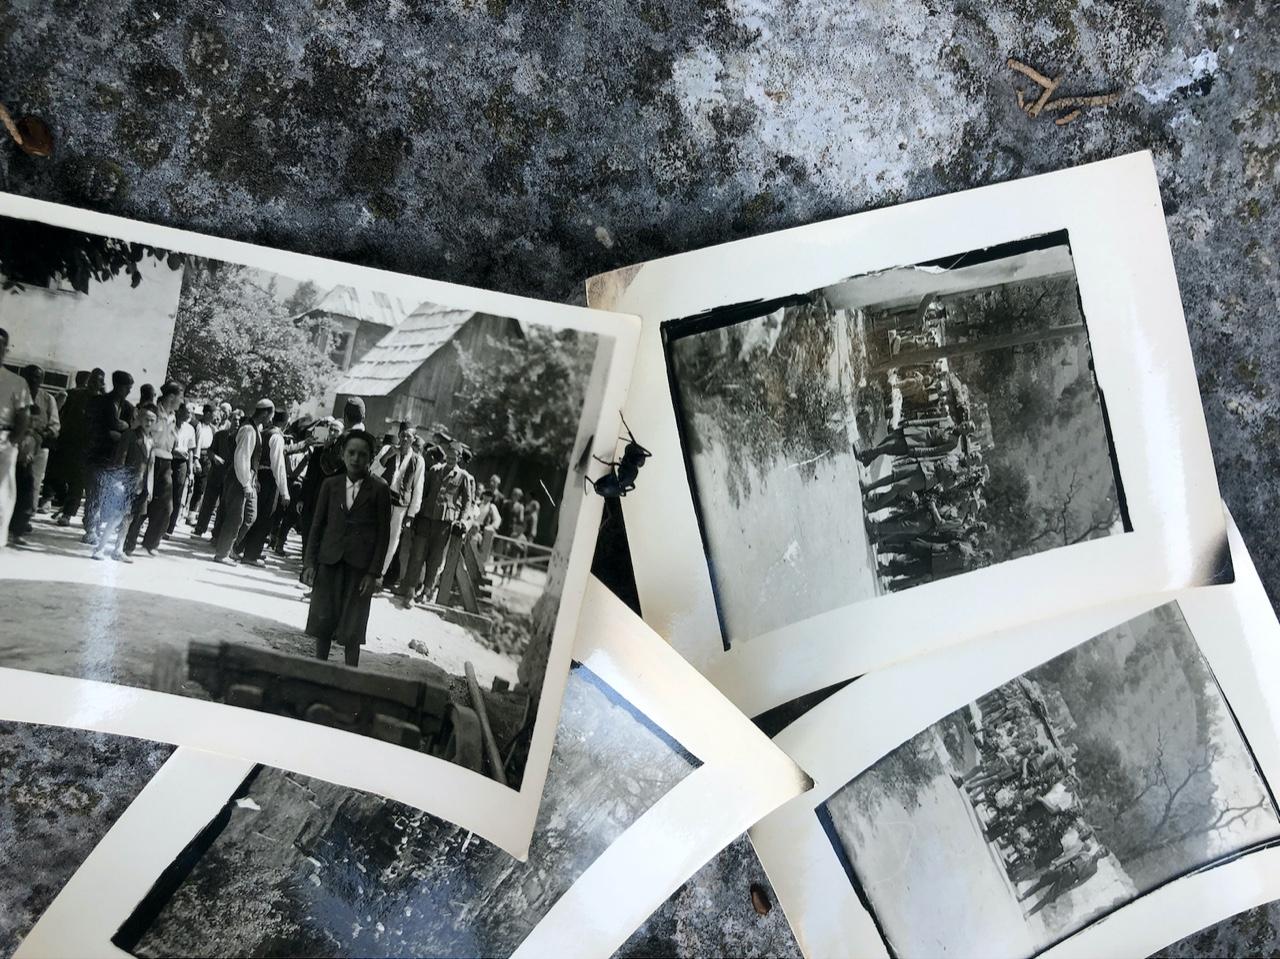 Foto von mehreren Schwarz-Weiß-Fotos, eine Arbeit von Šejla Kamerić.